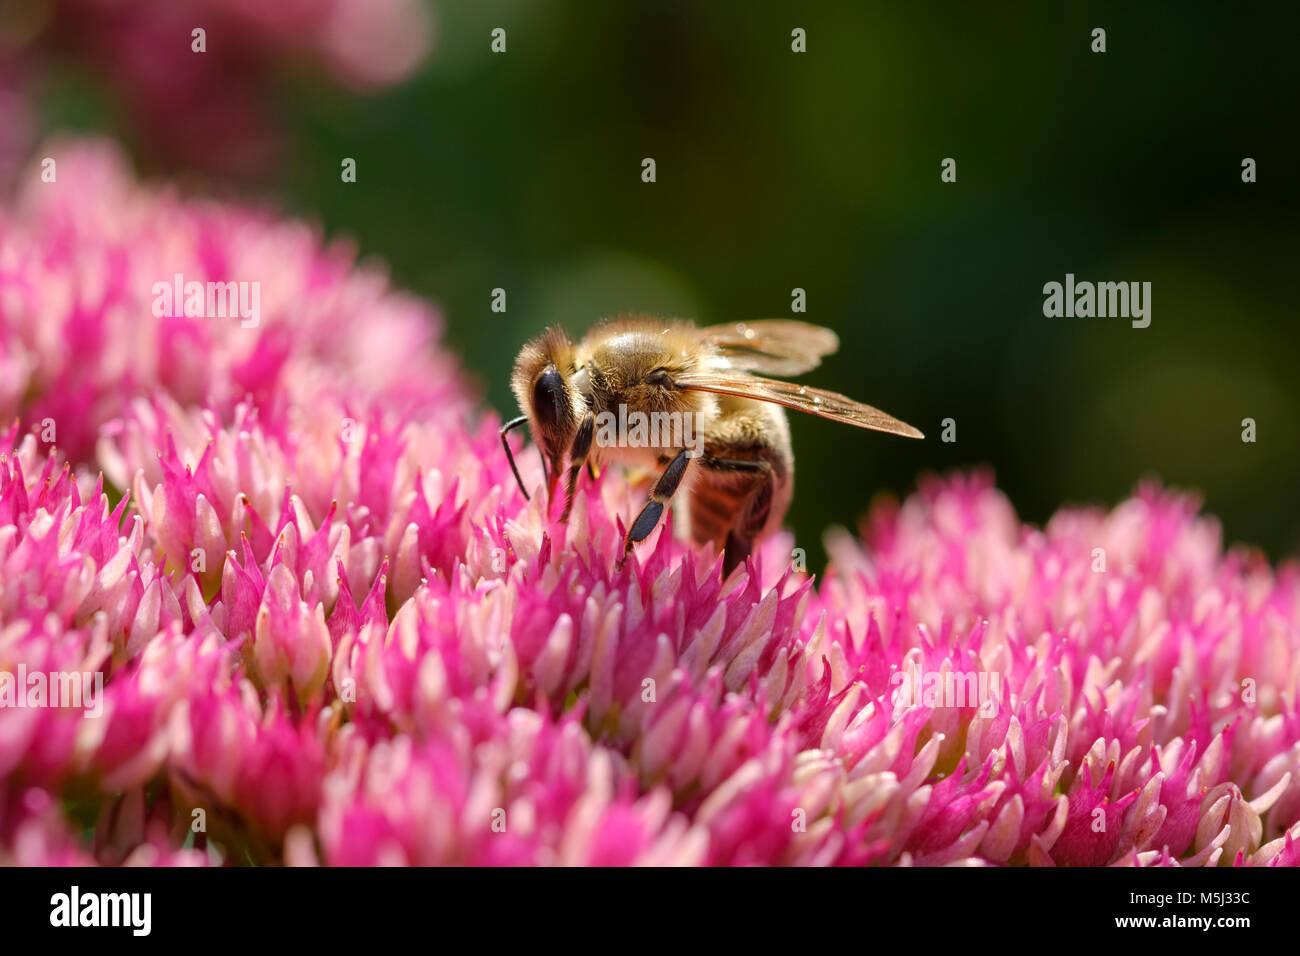 Honigbiene (Apis mellifera) auf Blüte von Fetthenne (Hylotelephium syn Sedum), Bayern, Deutschland - Stock Image